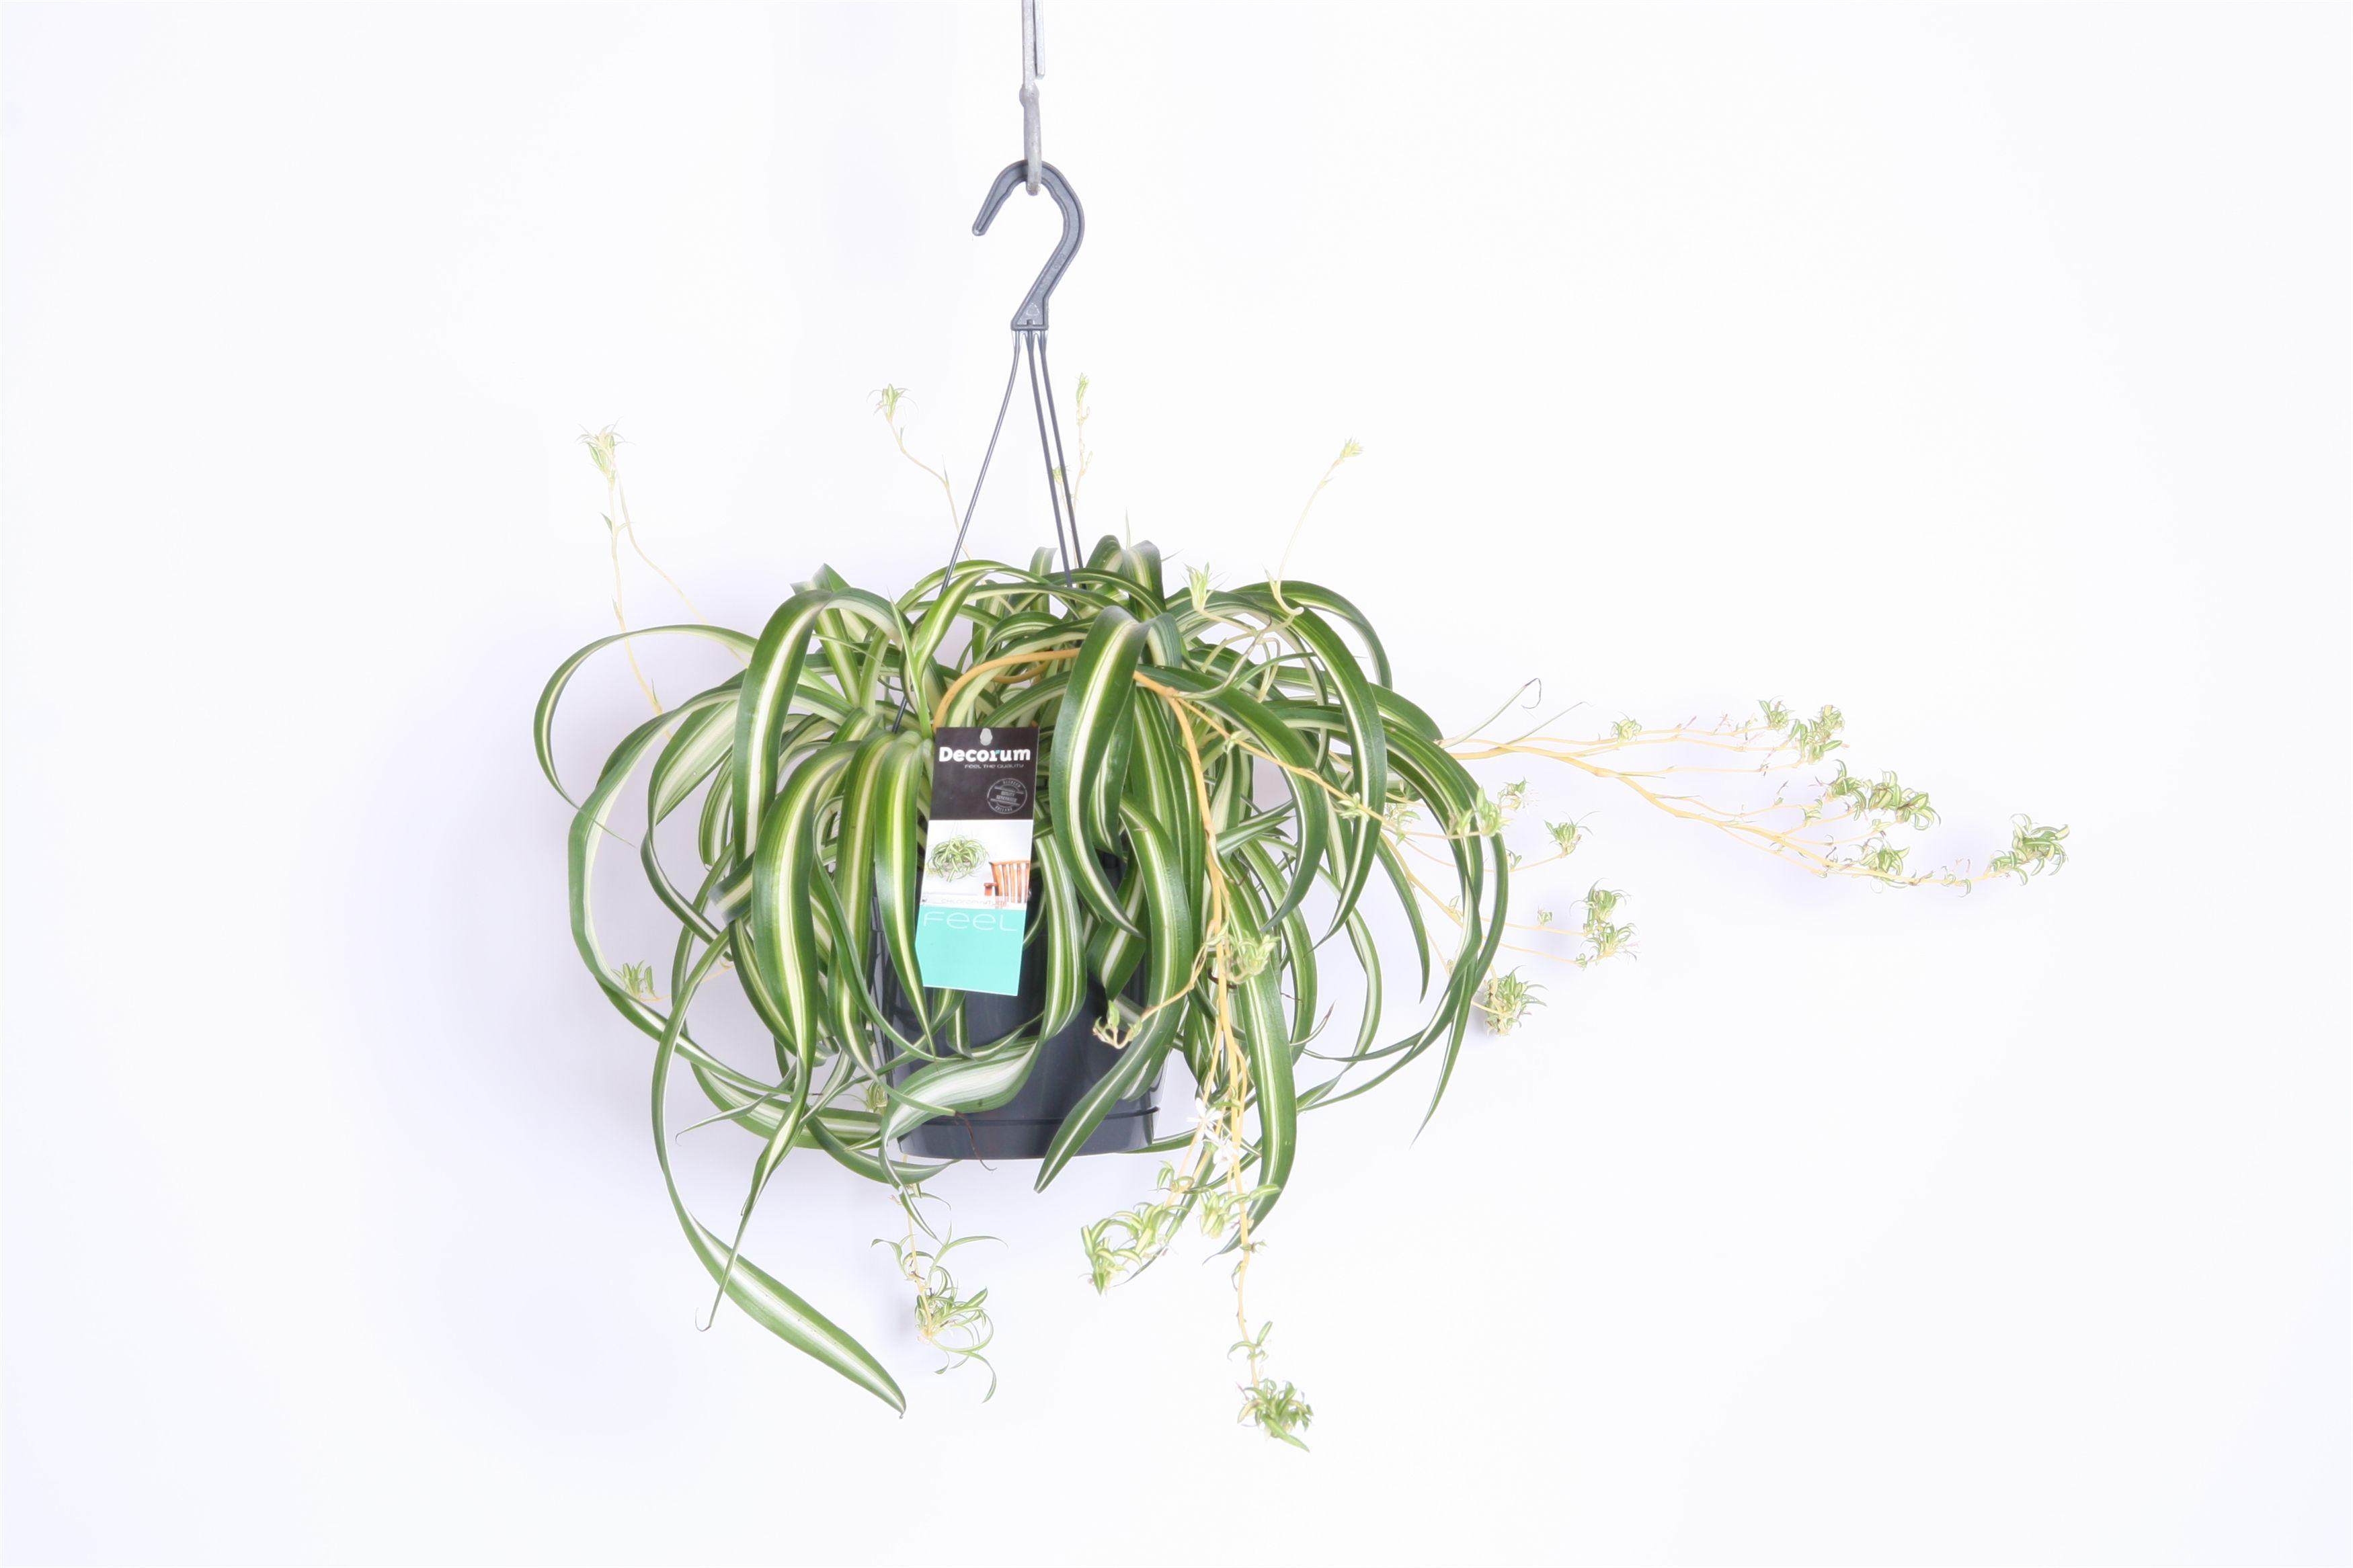 Beliebt Bevorzugt Chlorophytum Bonnie Zimmerpflanze von 35 cm kaufen &LB_43